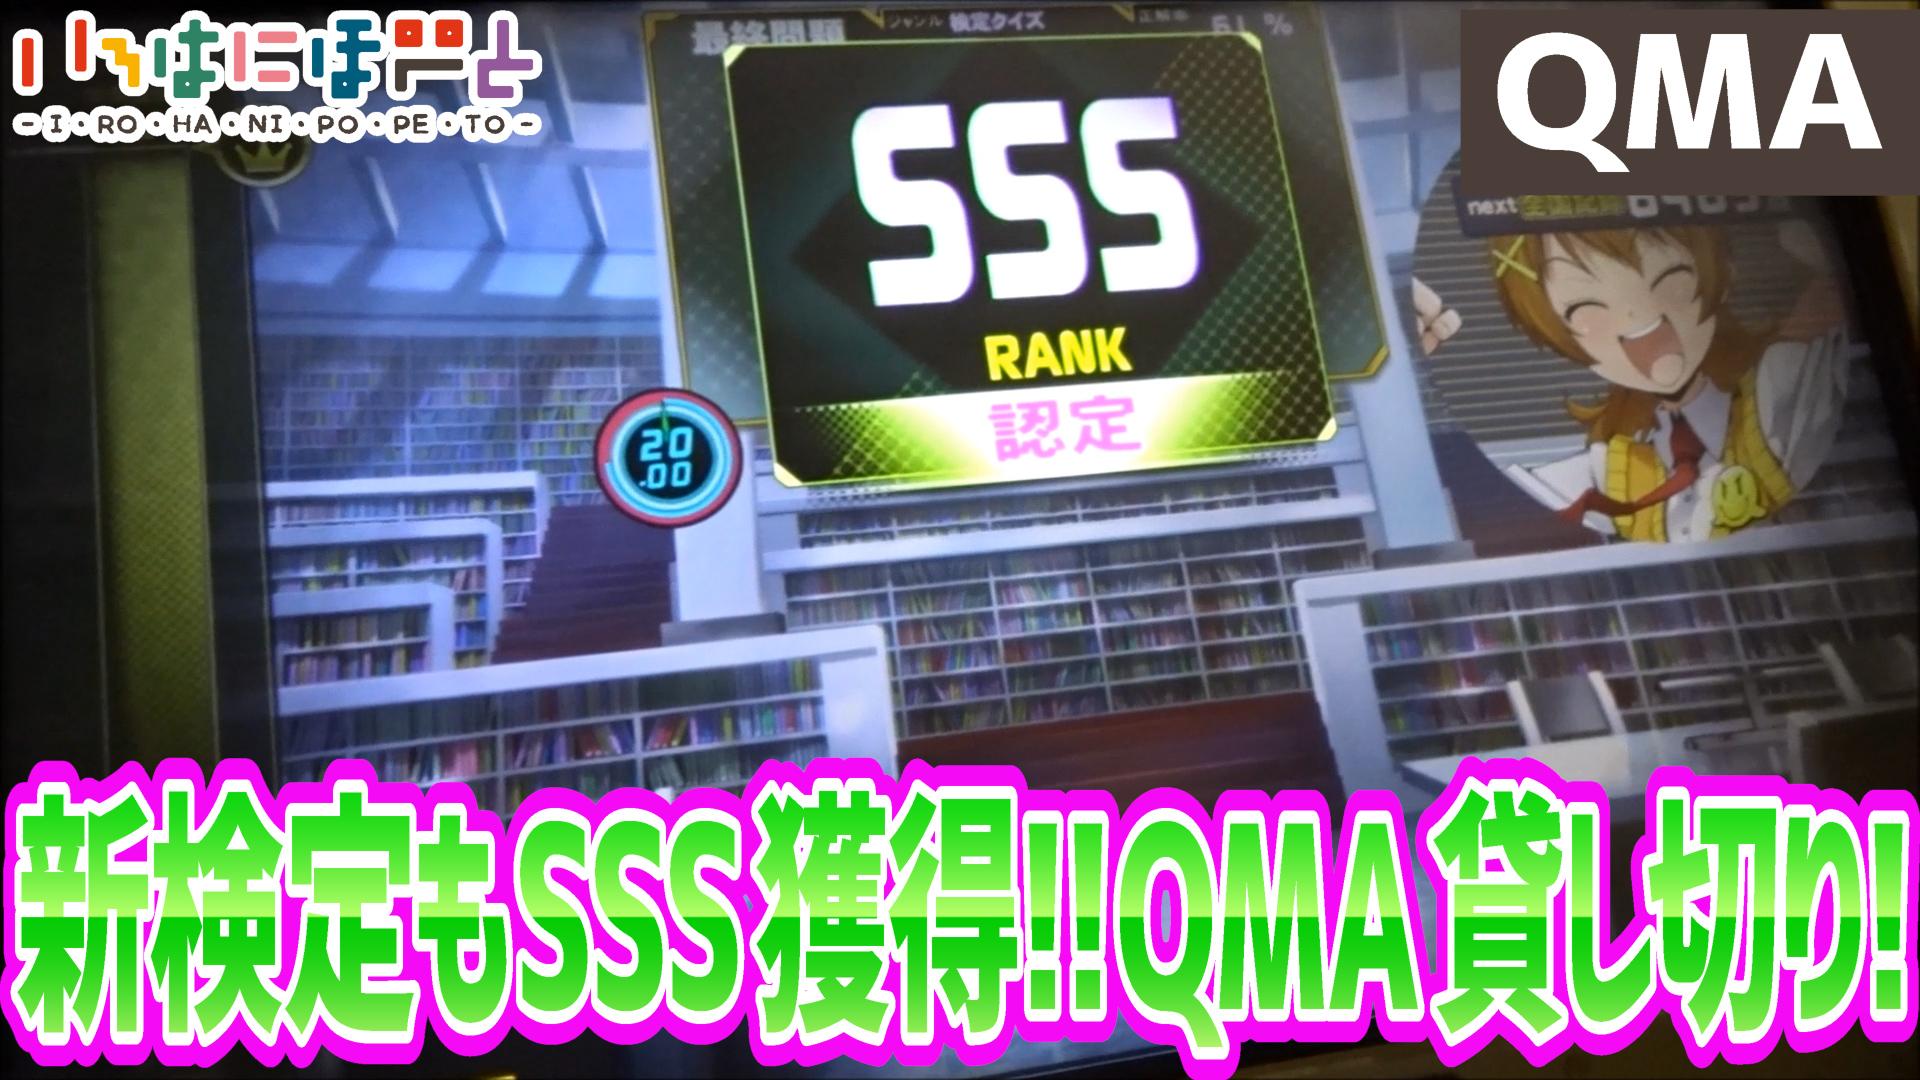 新検定もSSS獲得!!QMA貸切りプレイ!